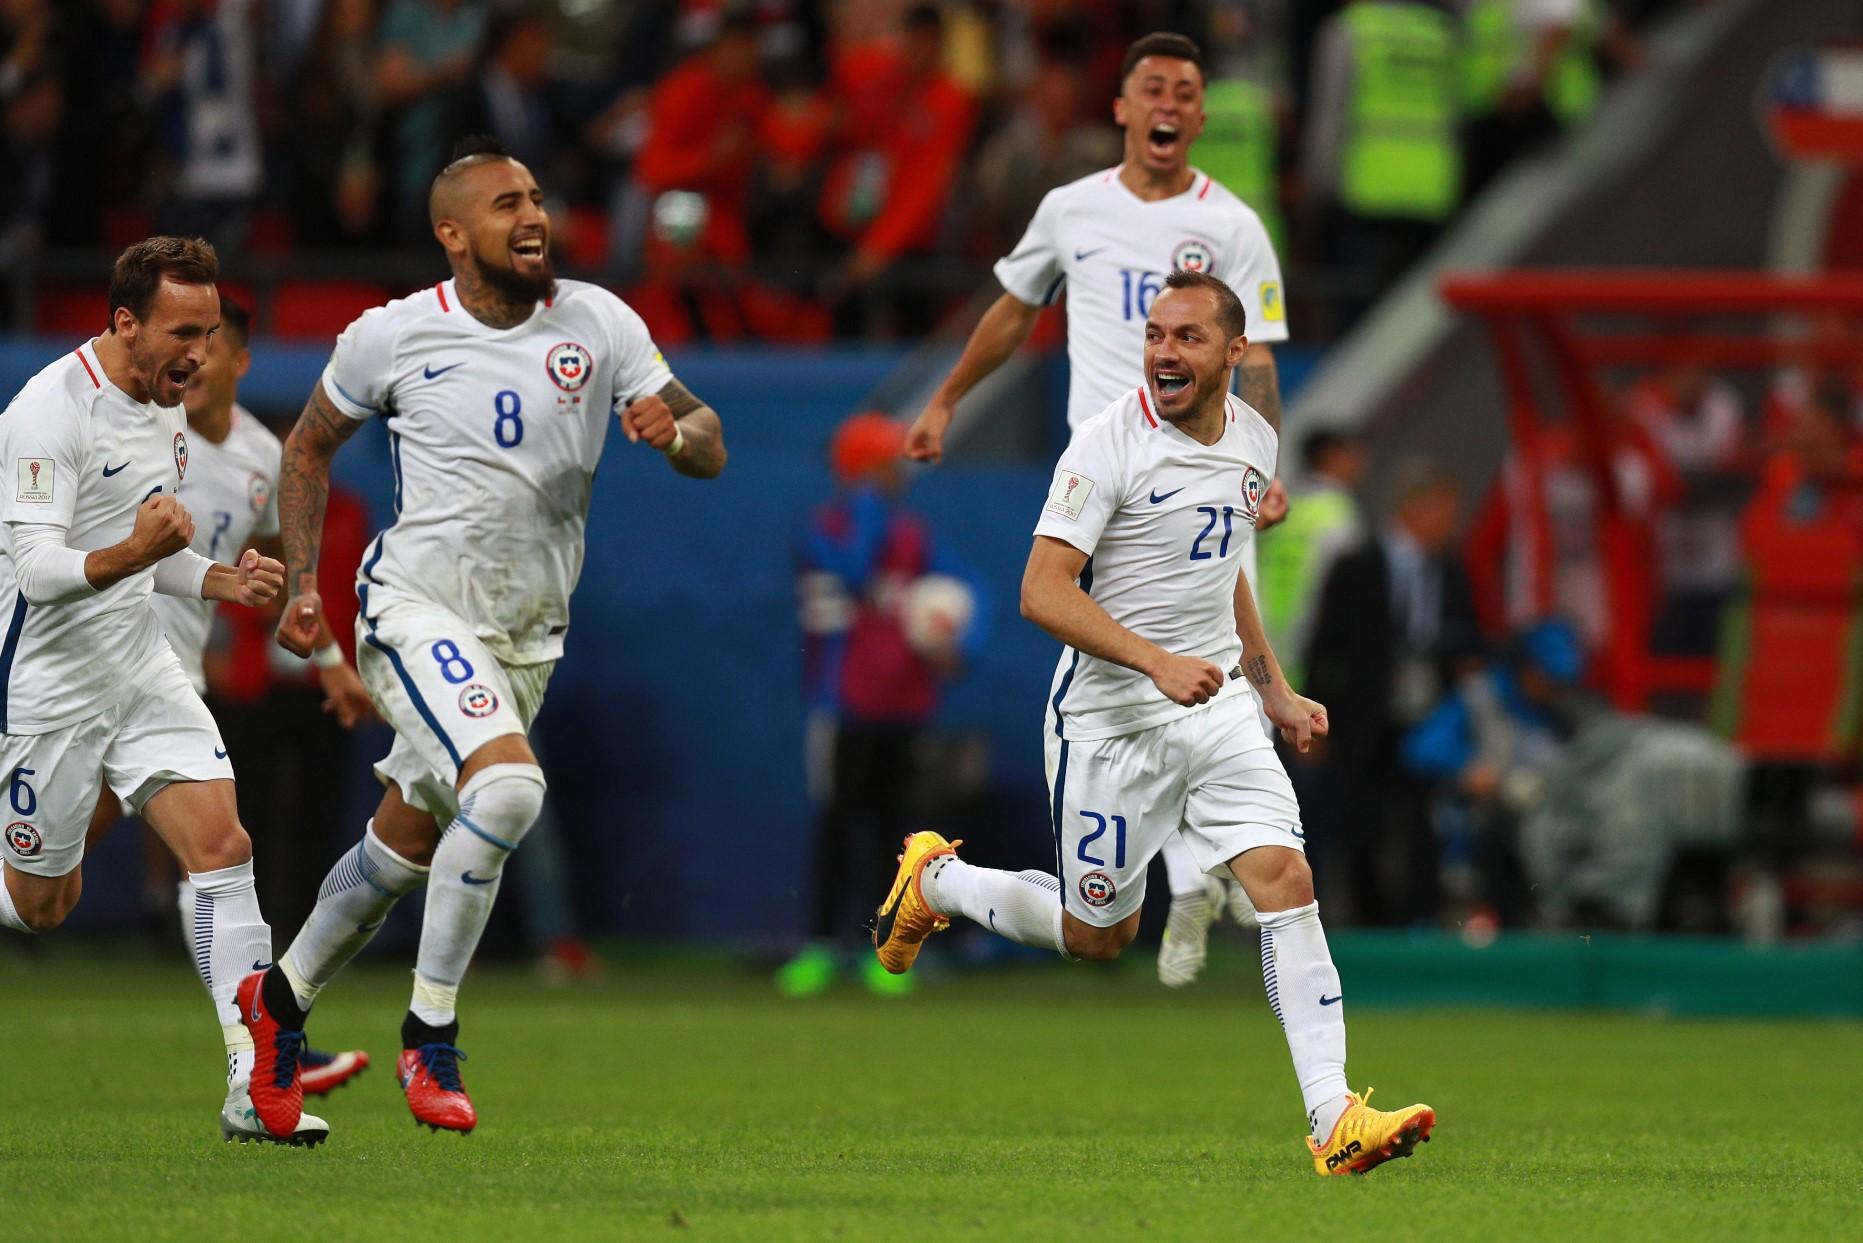 Chile jugará la Final de Copa Confederaciones este domingo a partir de las 14 horas.